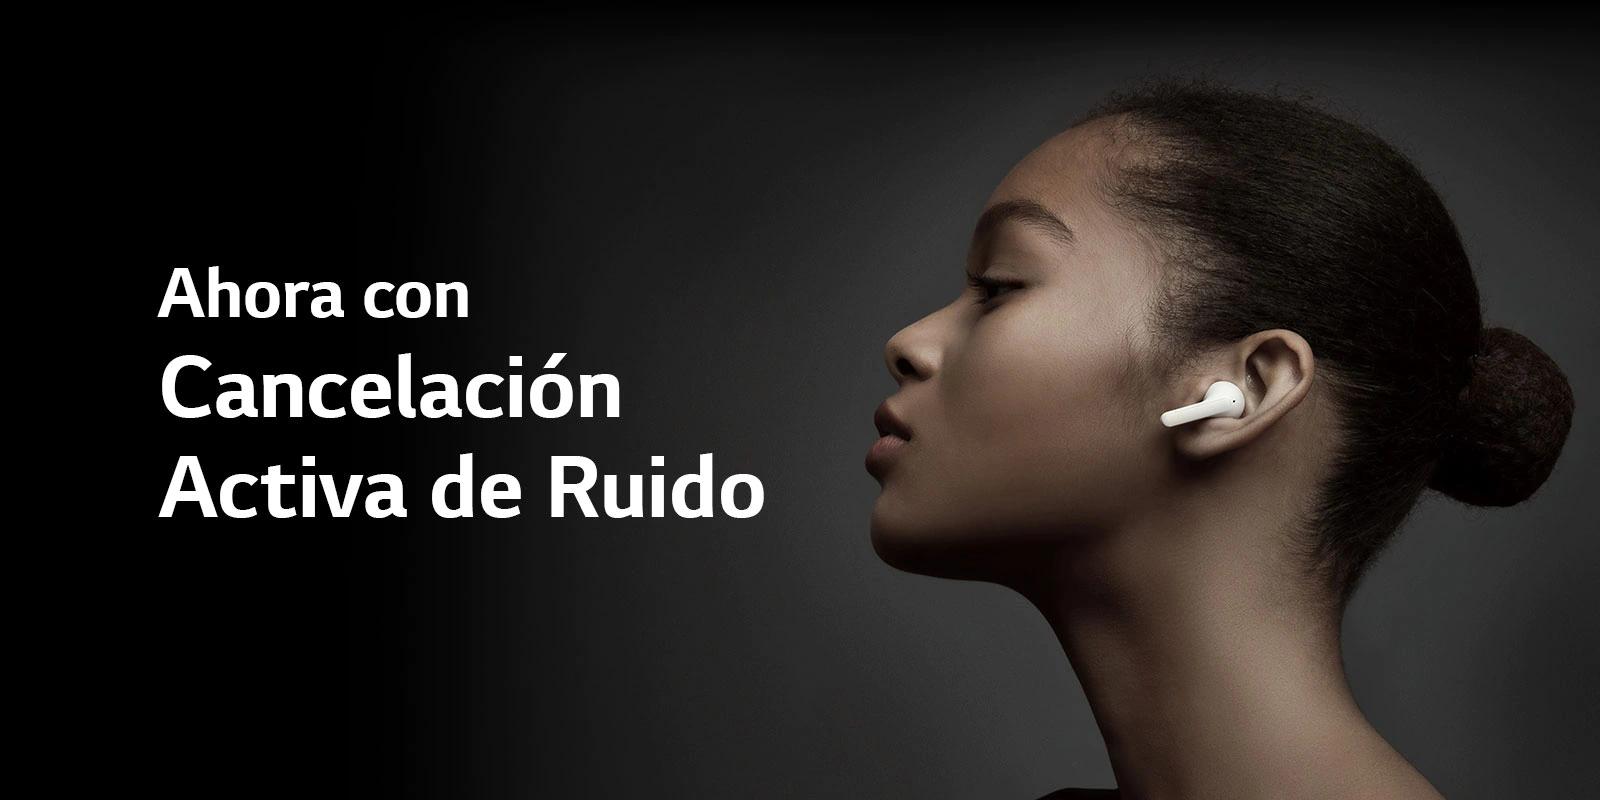 LLEGAN A PERÚ LOS AUDÍFONOS INALÁMBRICOS LG TONE FREE FN7 CON CANCELACIÓN ACTIVA DE RUIDO